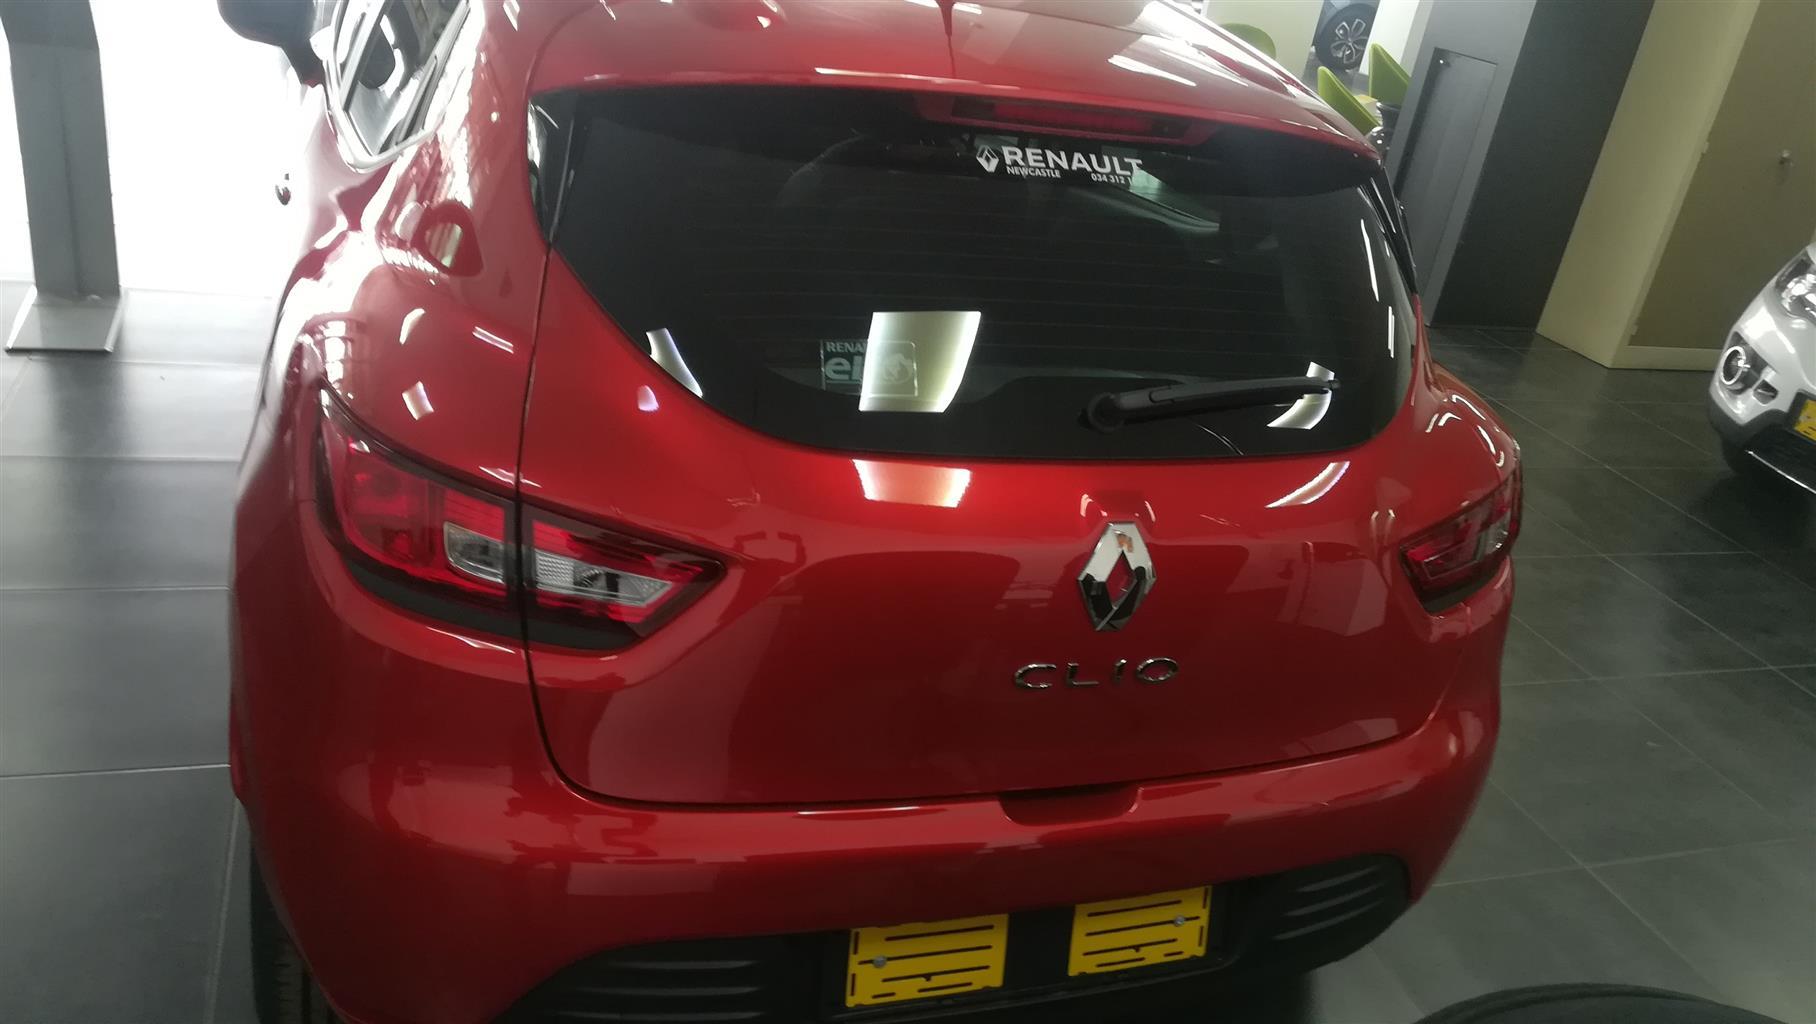 2019 Renault Clio 88kW turbo Expression auto